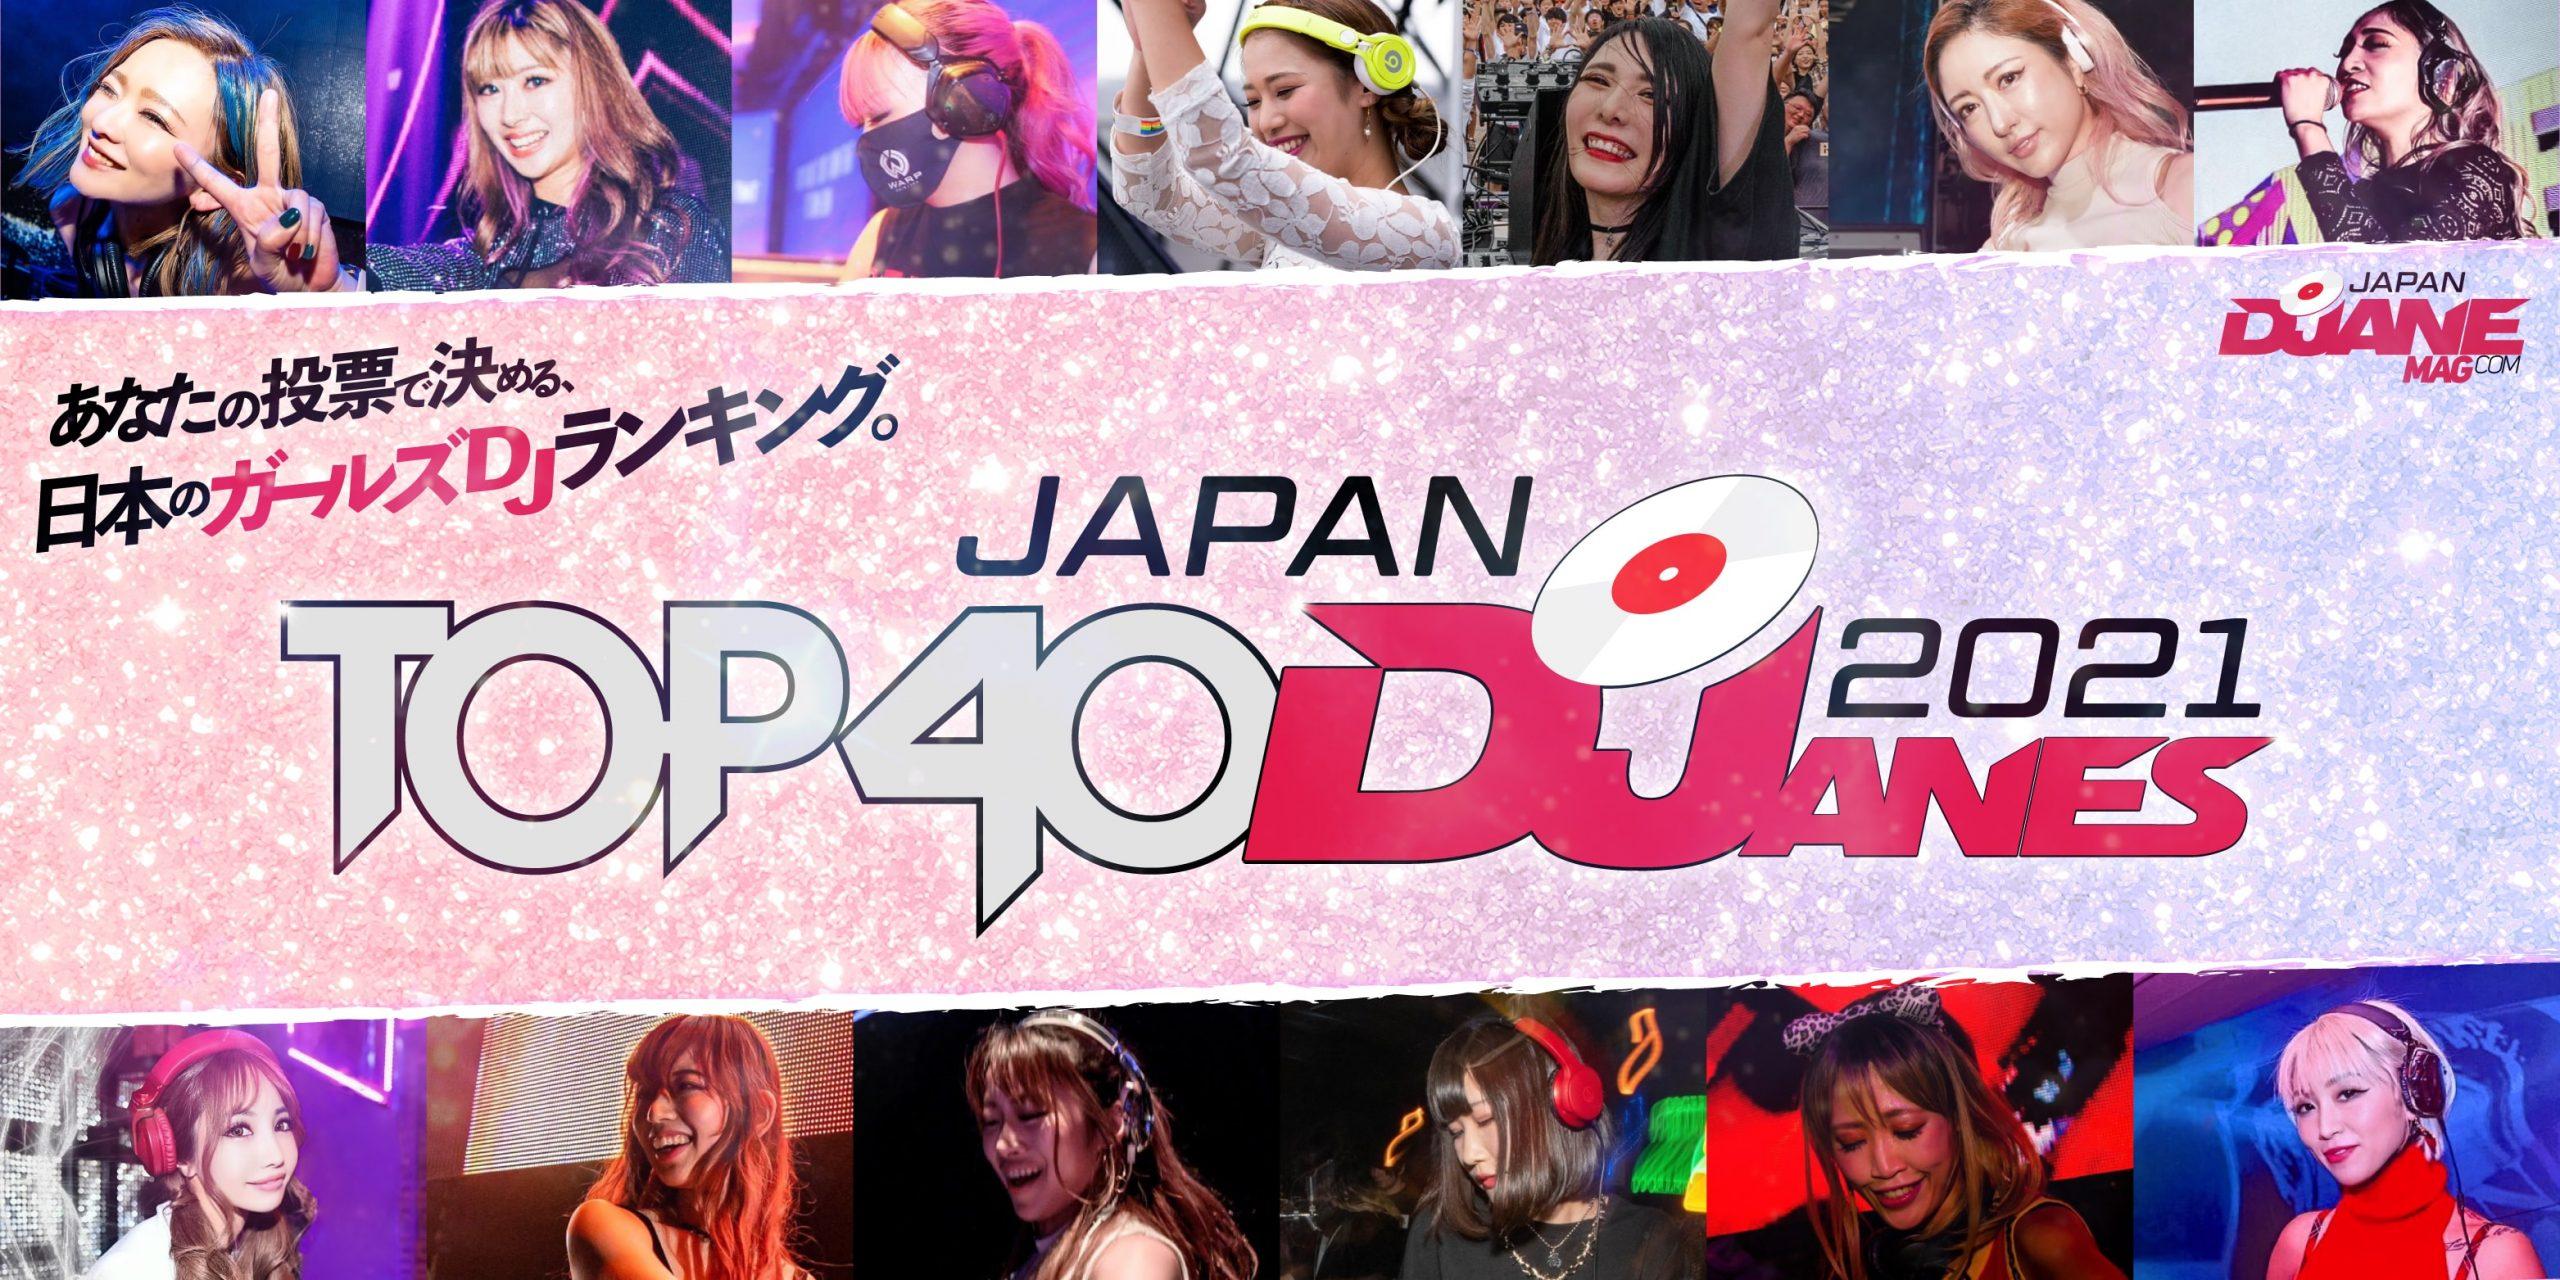 TOP40DJanse2021の詳細を観る